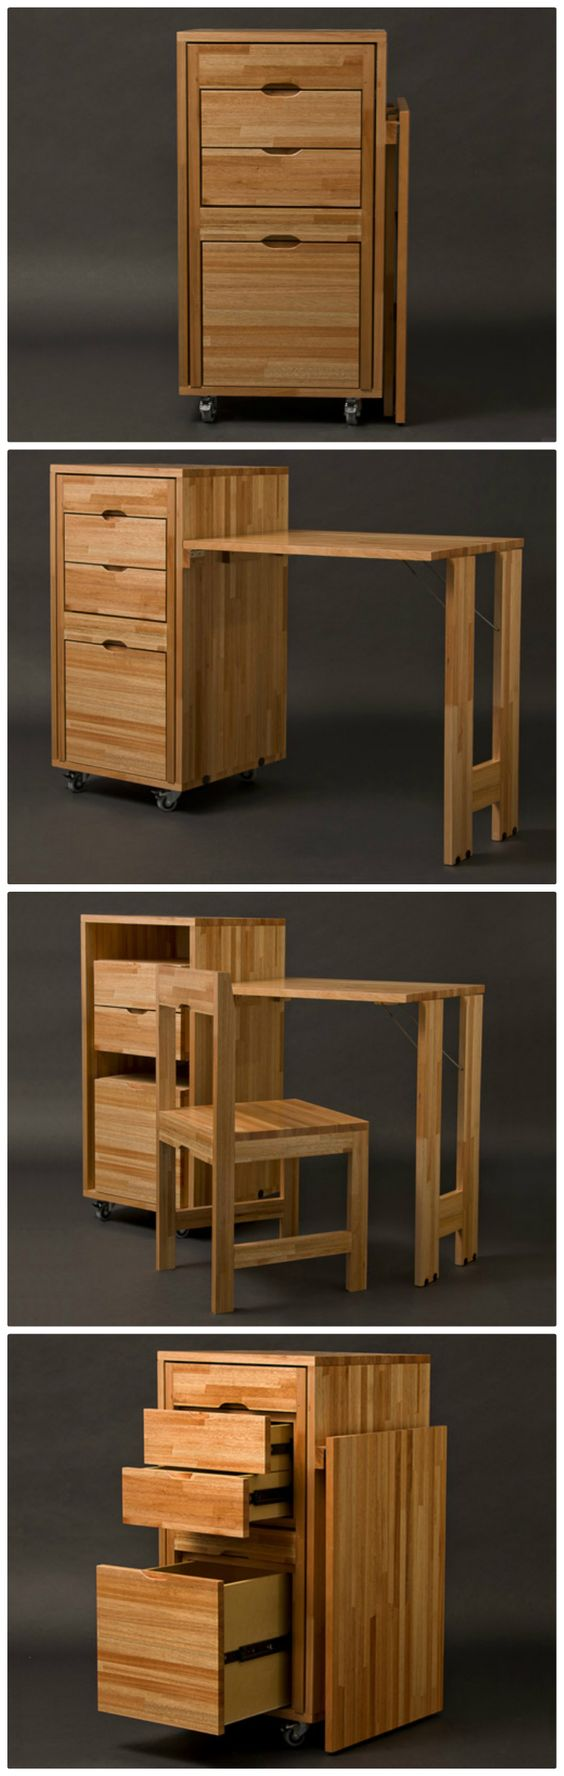 Estupendos y funcionales dise os de muebles para espacios Mobiliario para espacios reducidos